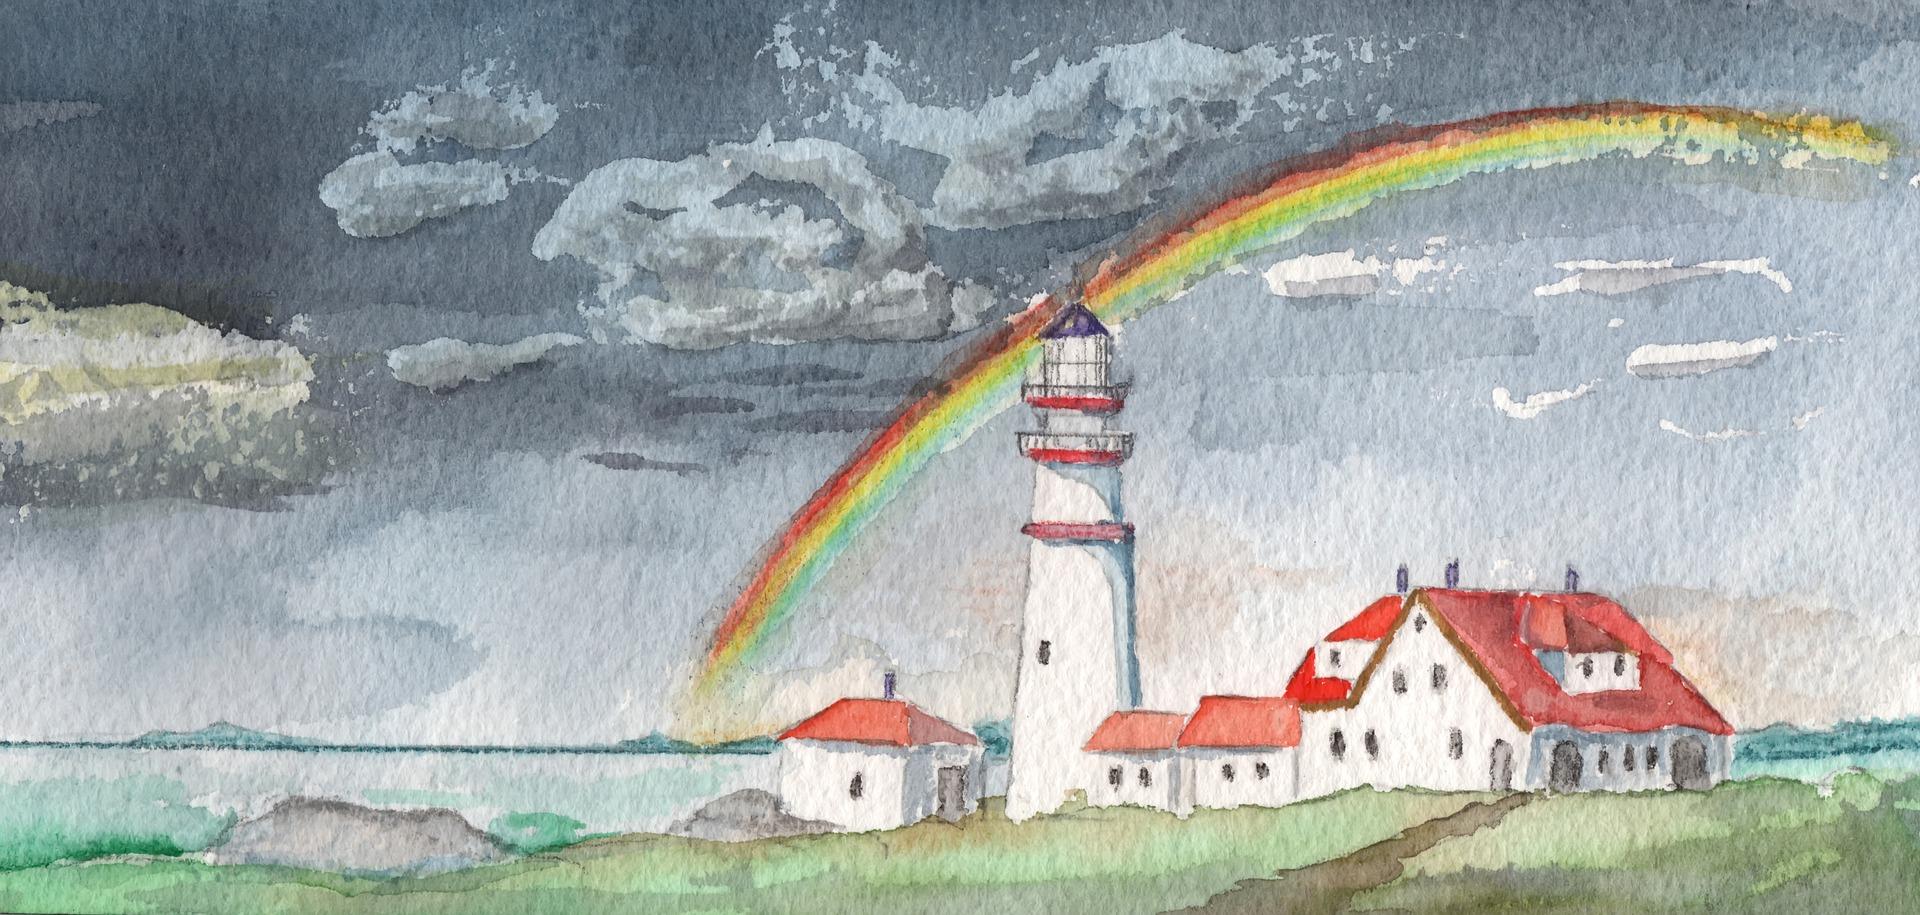 watercolour-1578074_1920